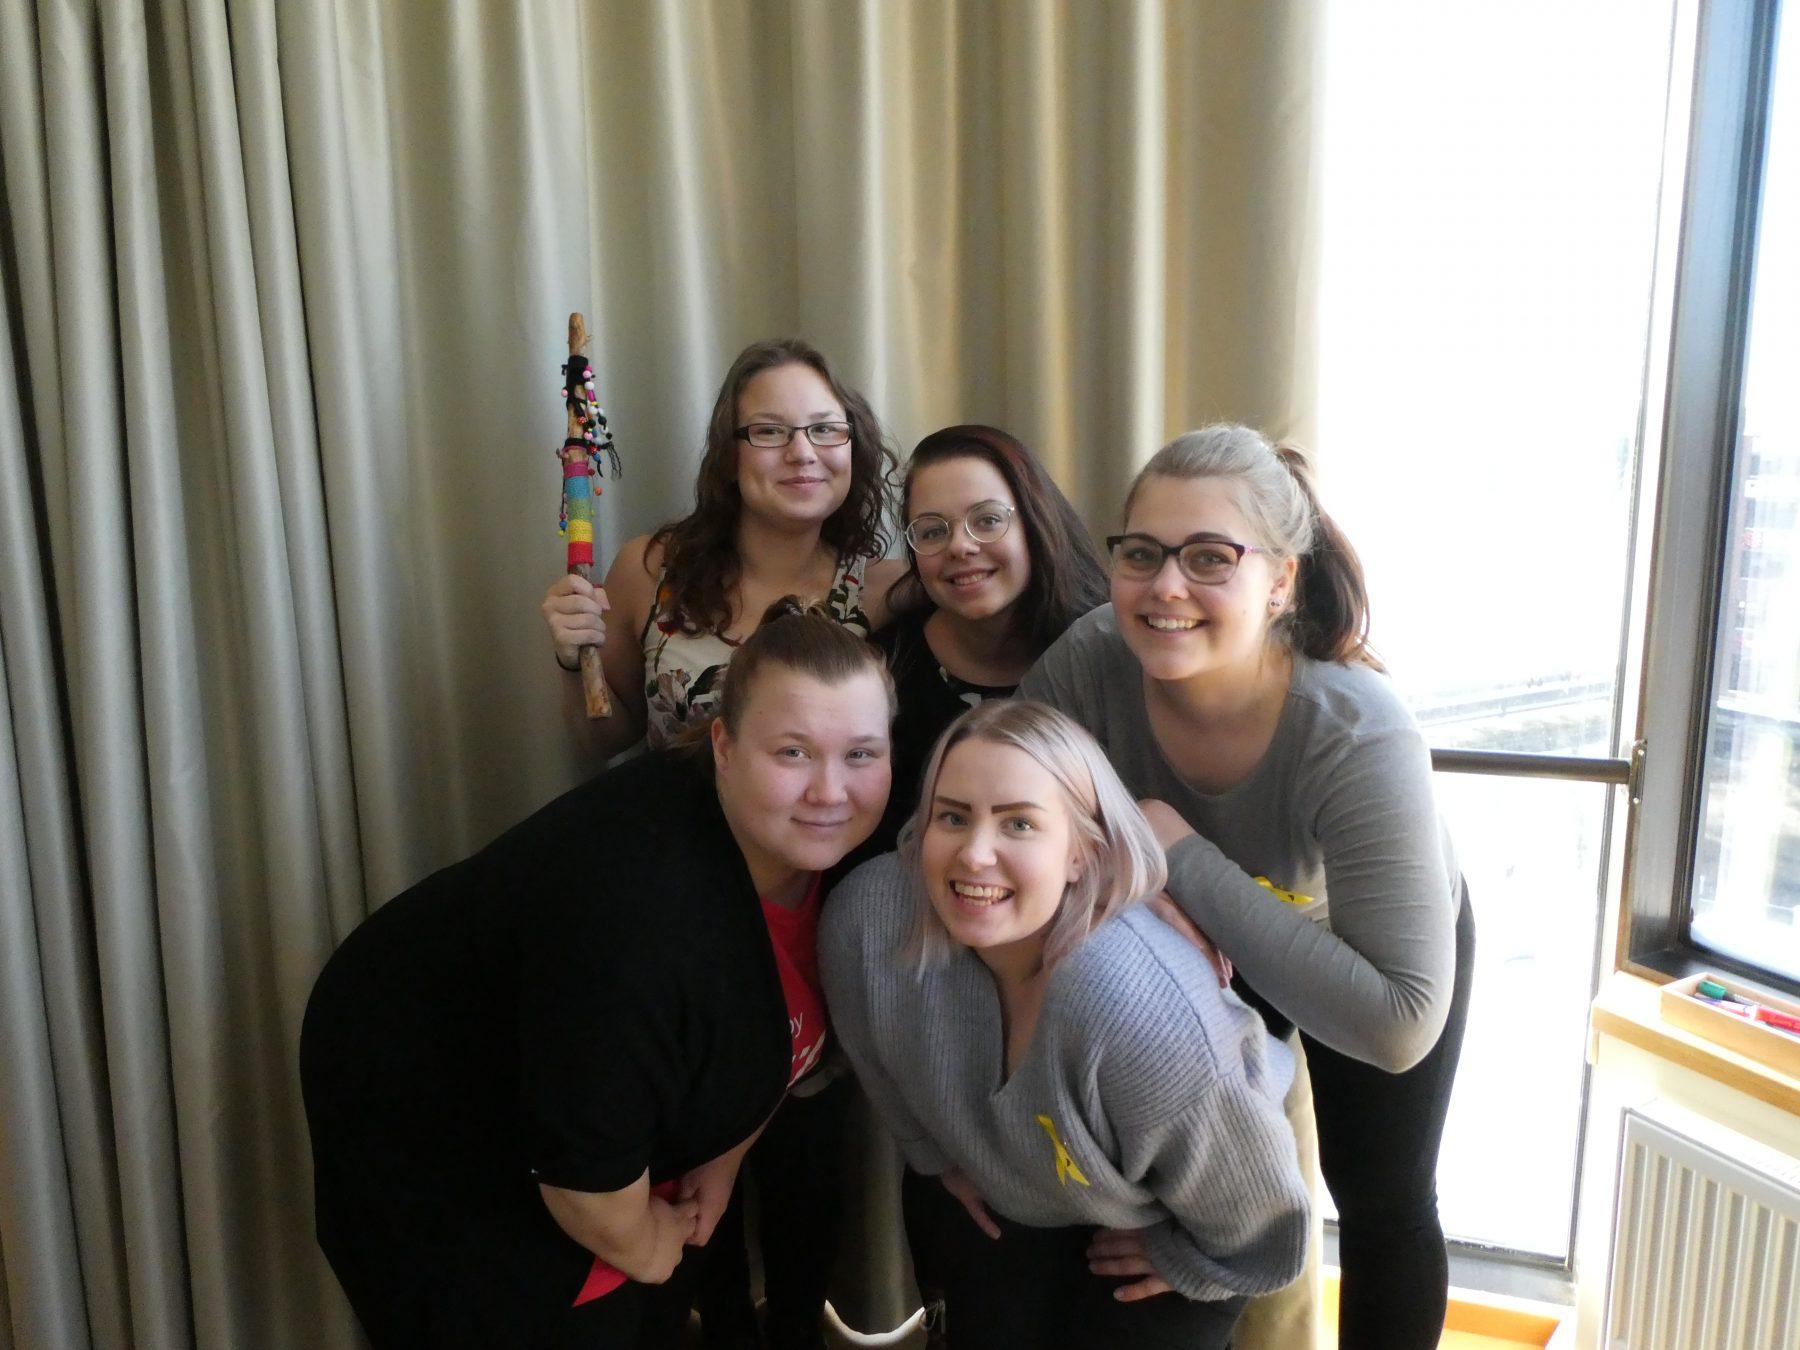 Ylävas: Sonja, Pinja, Charlotta. Alavas: Ditte ja Susanna